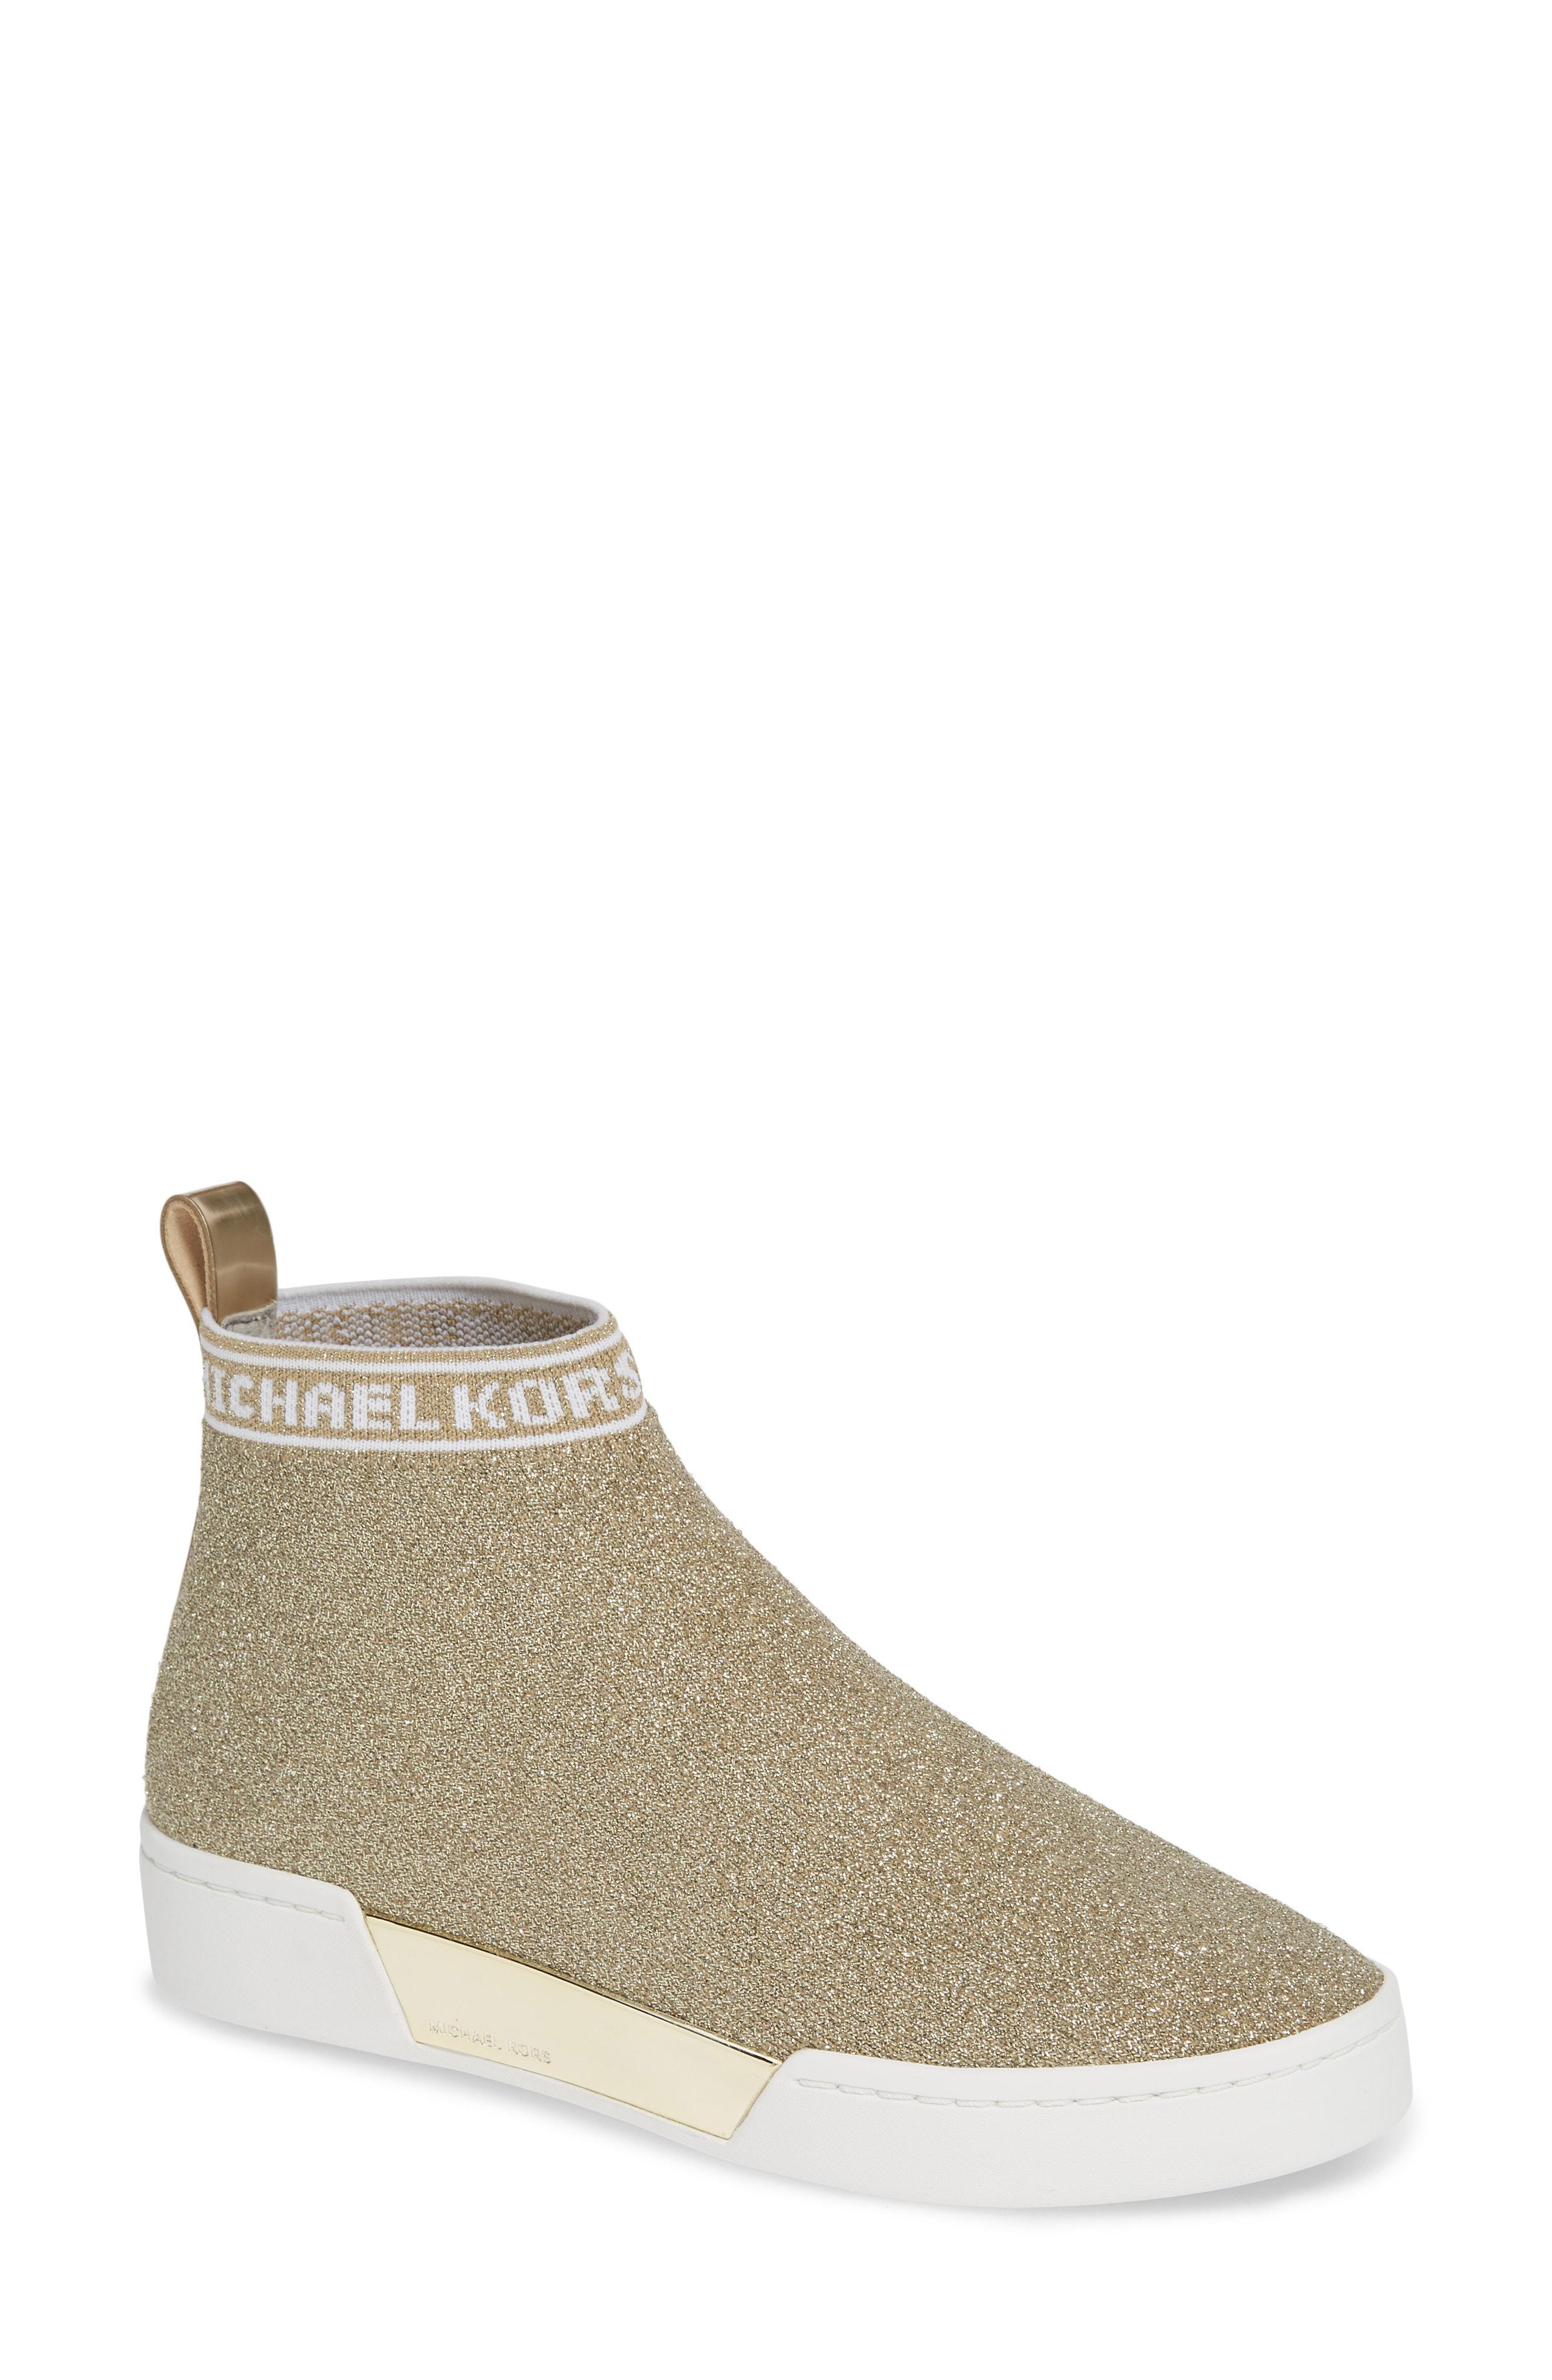 MICHAEL Michael Kors Grover Sneaker - Lyst